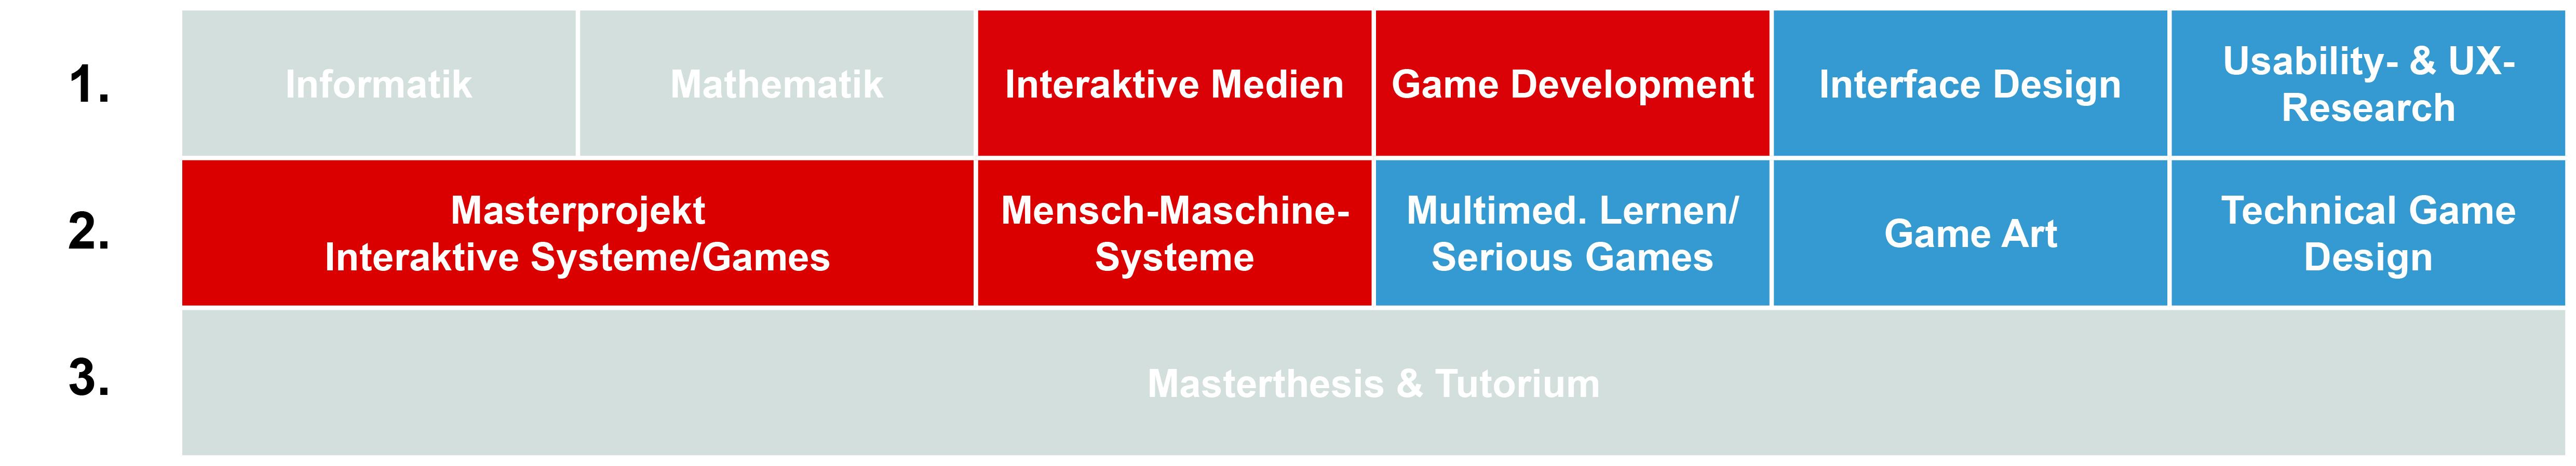 Möglicher Studienverlauf Masterstudium Interaktive Systeme Games